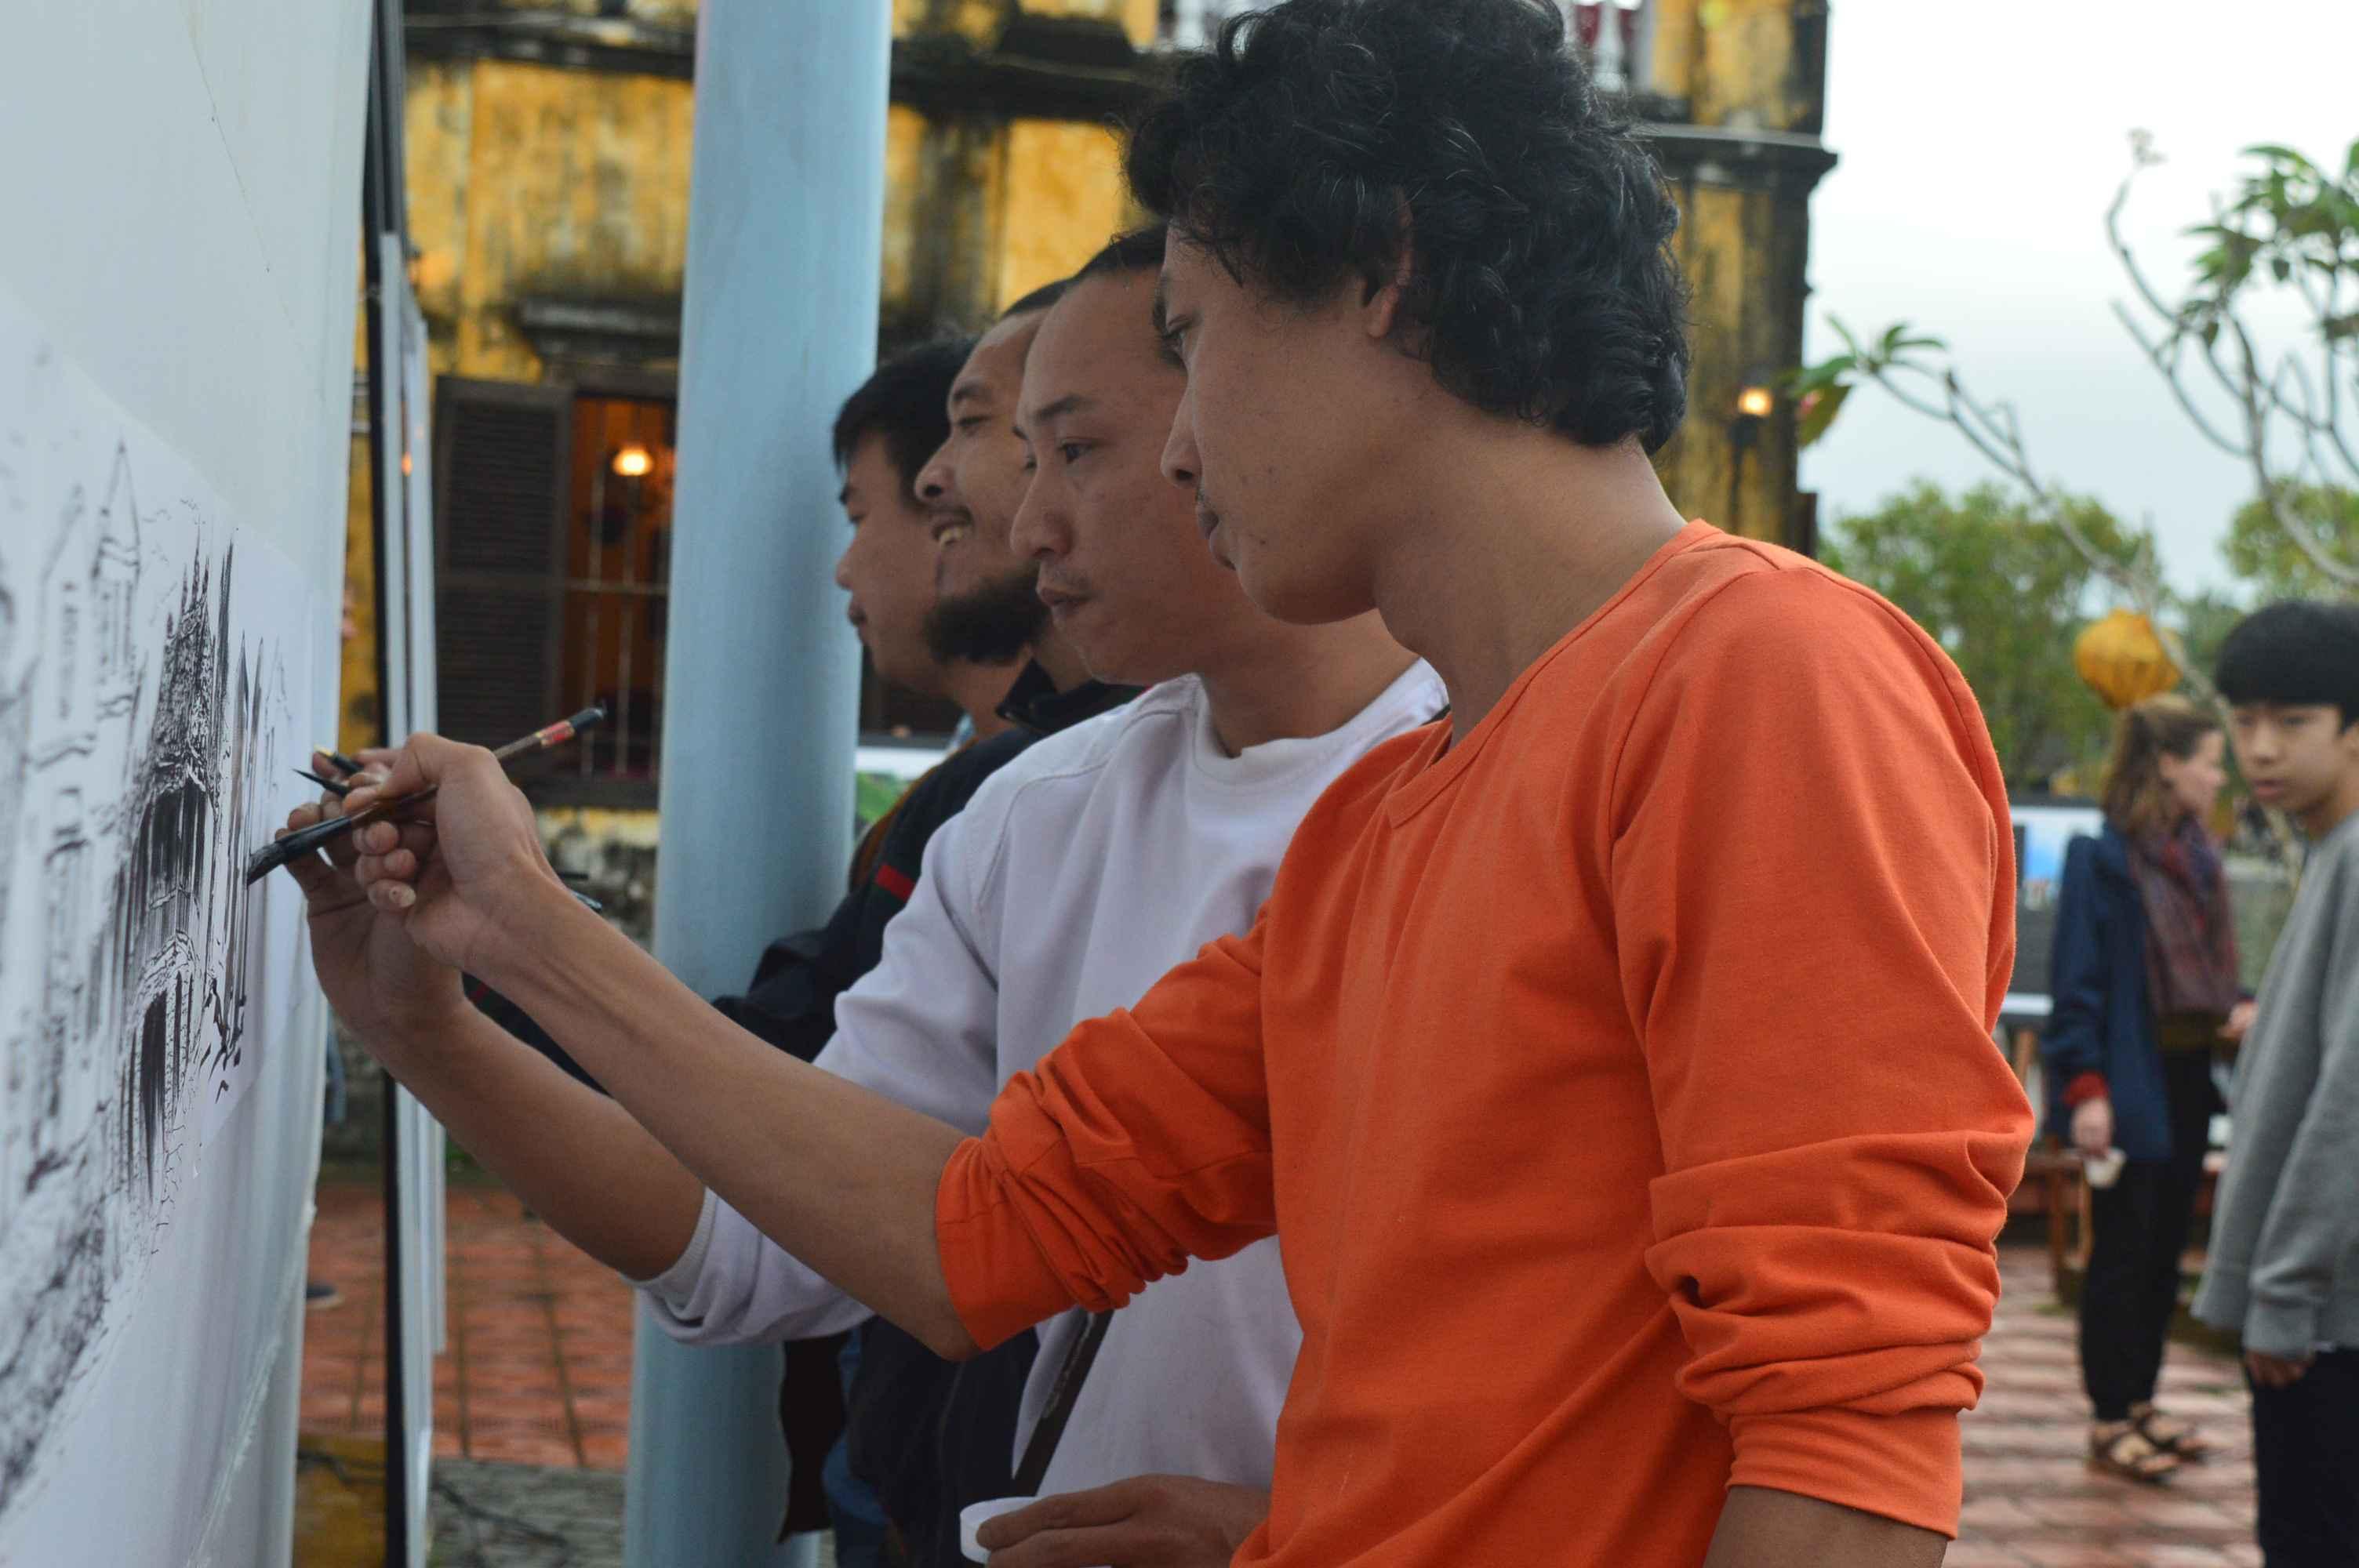 Các họa sĩ tiếp tục vẽ bức tranh về phố phường Hội An sau lễ khai mạc. Ảnh: Q.T